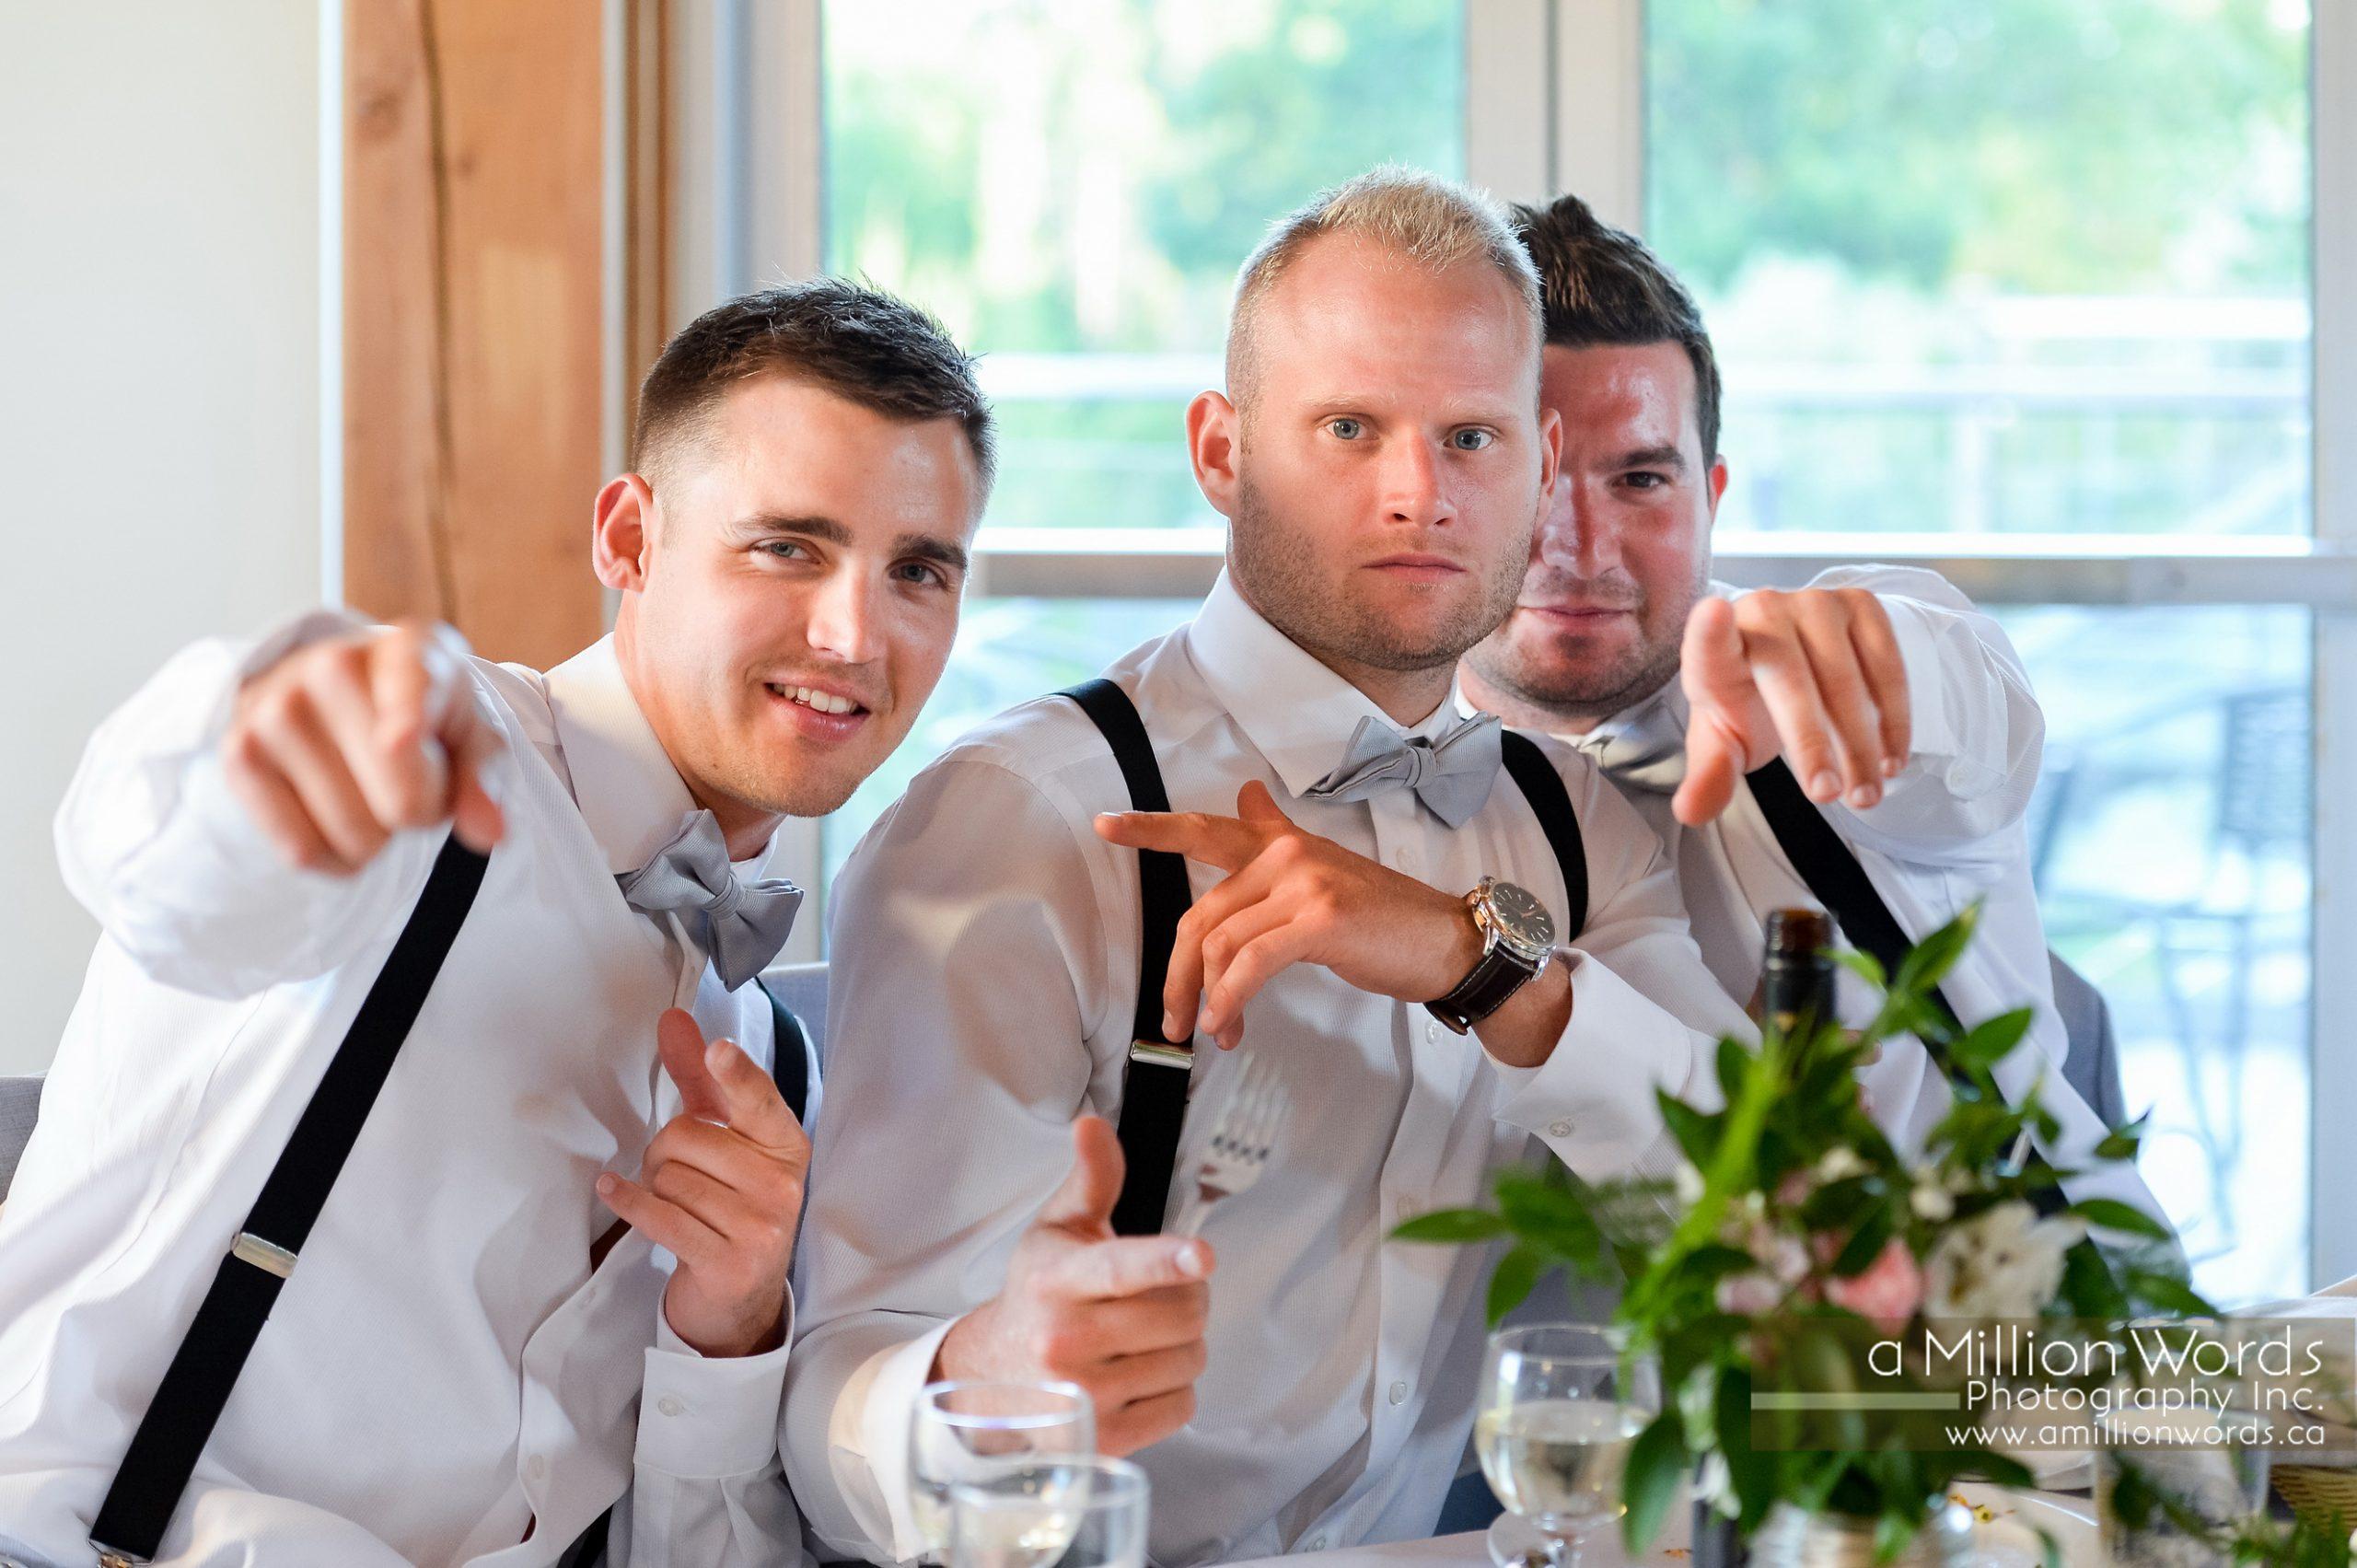 kw_wedding_photography52